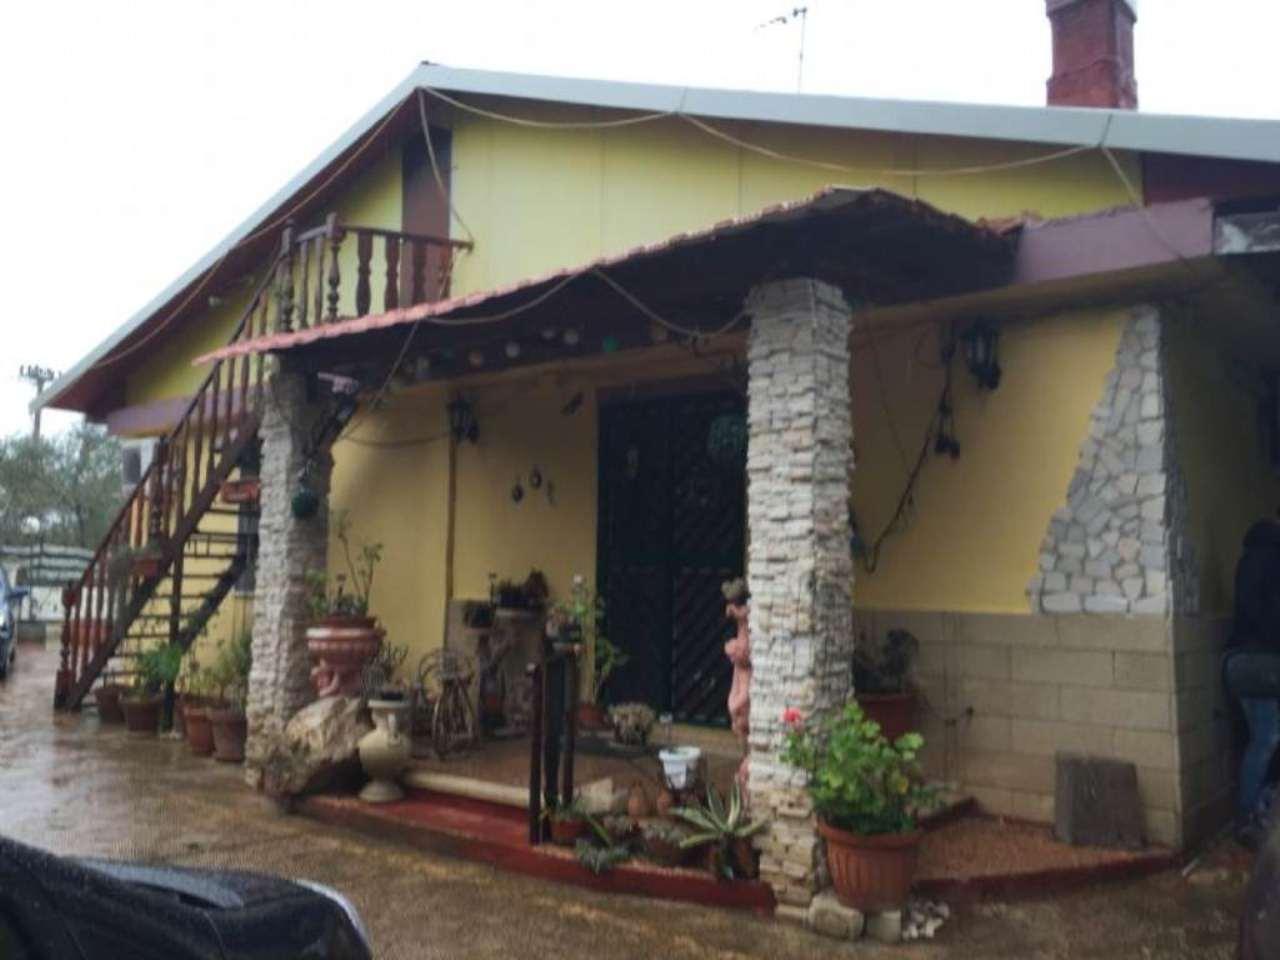 Villa in vendita a Modugno, 3 locali, prezzo € 135.000   Cambio Casa.it